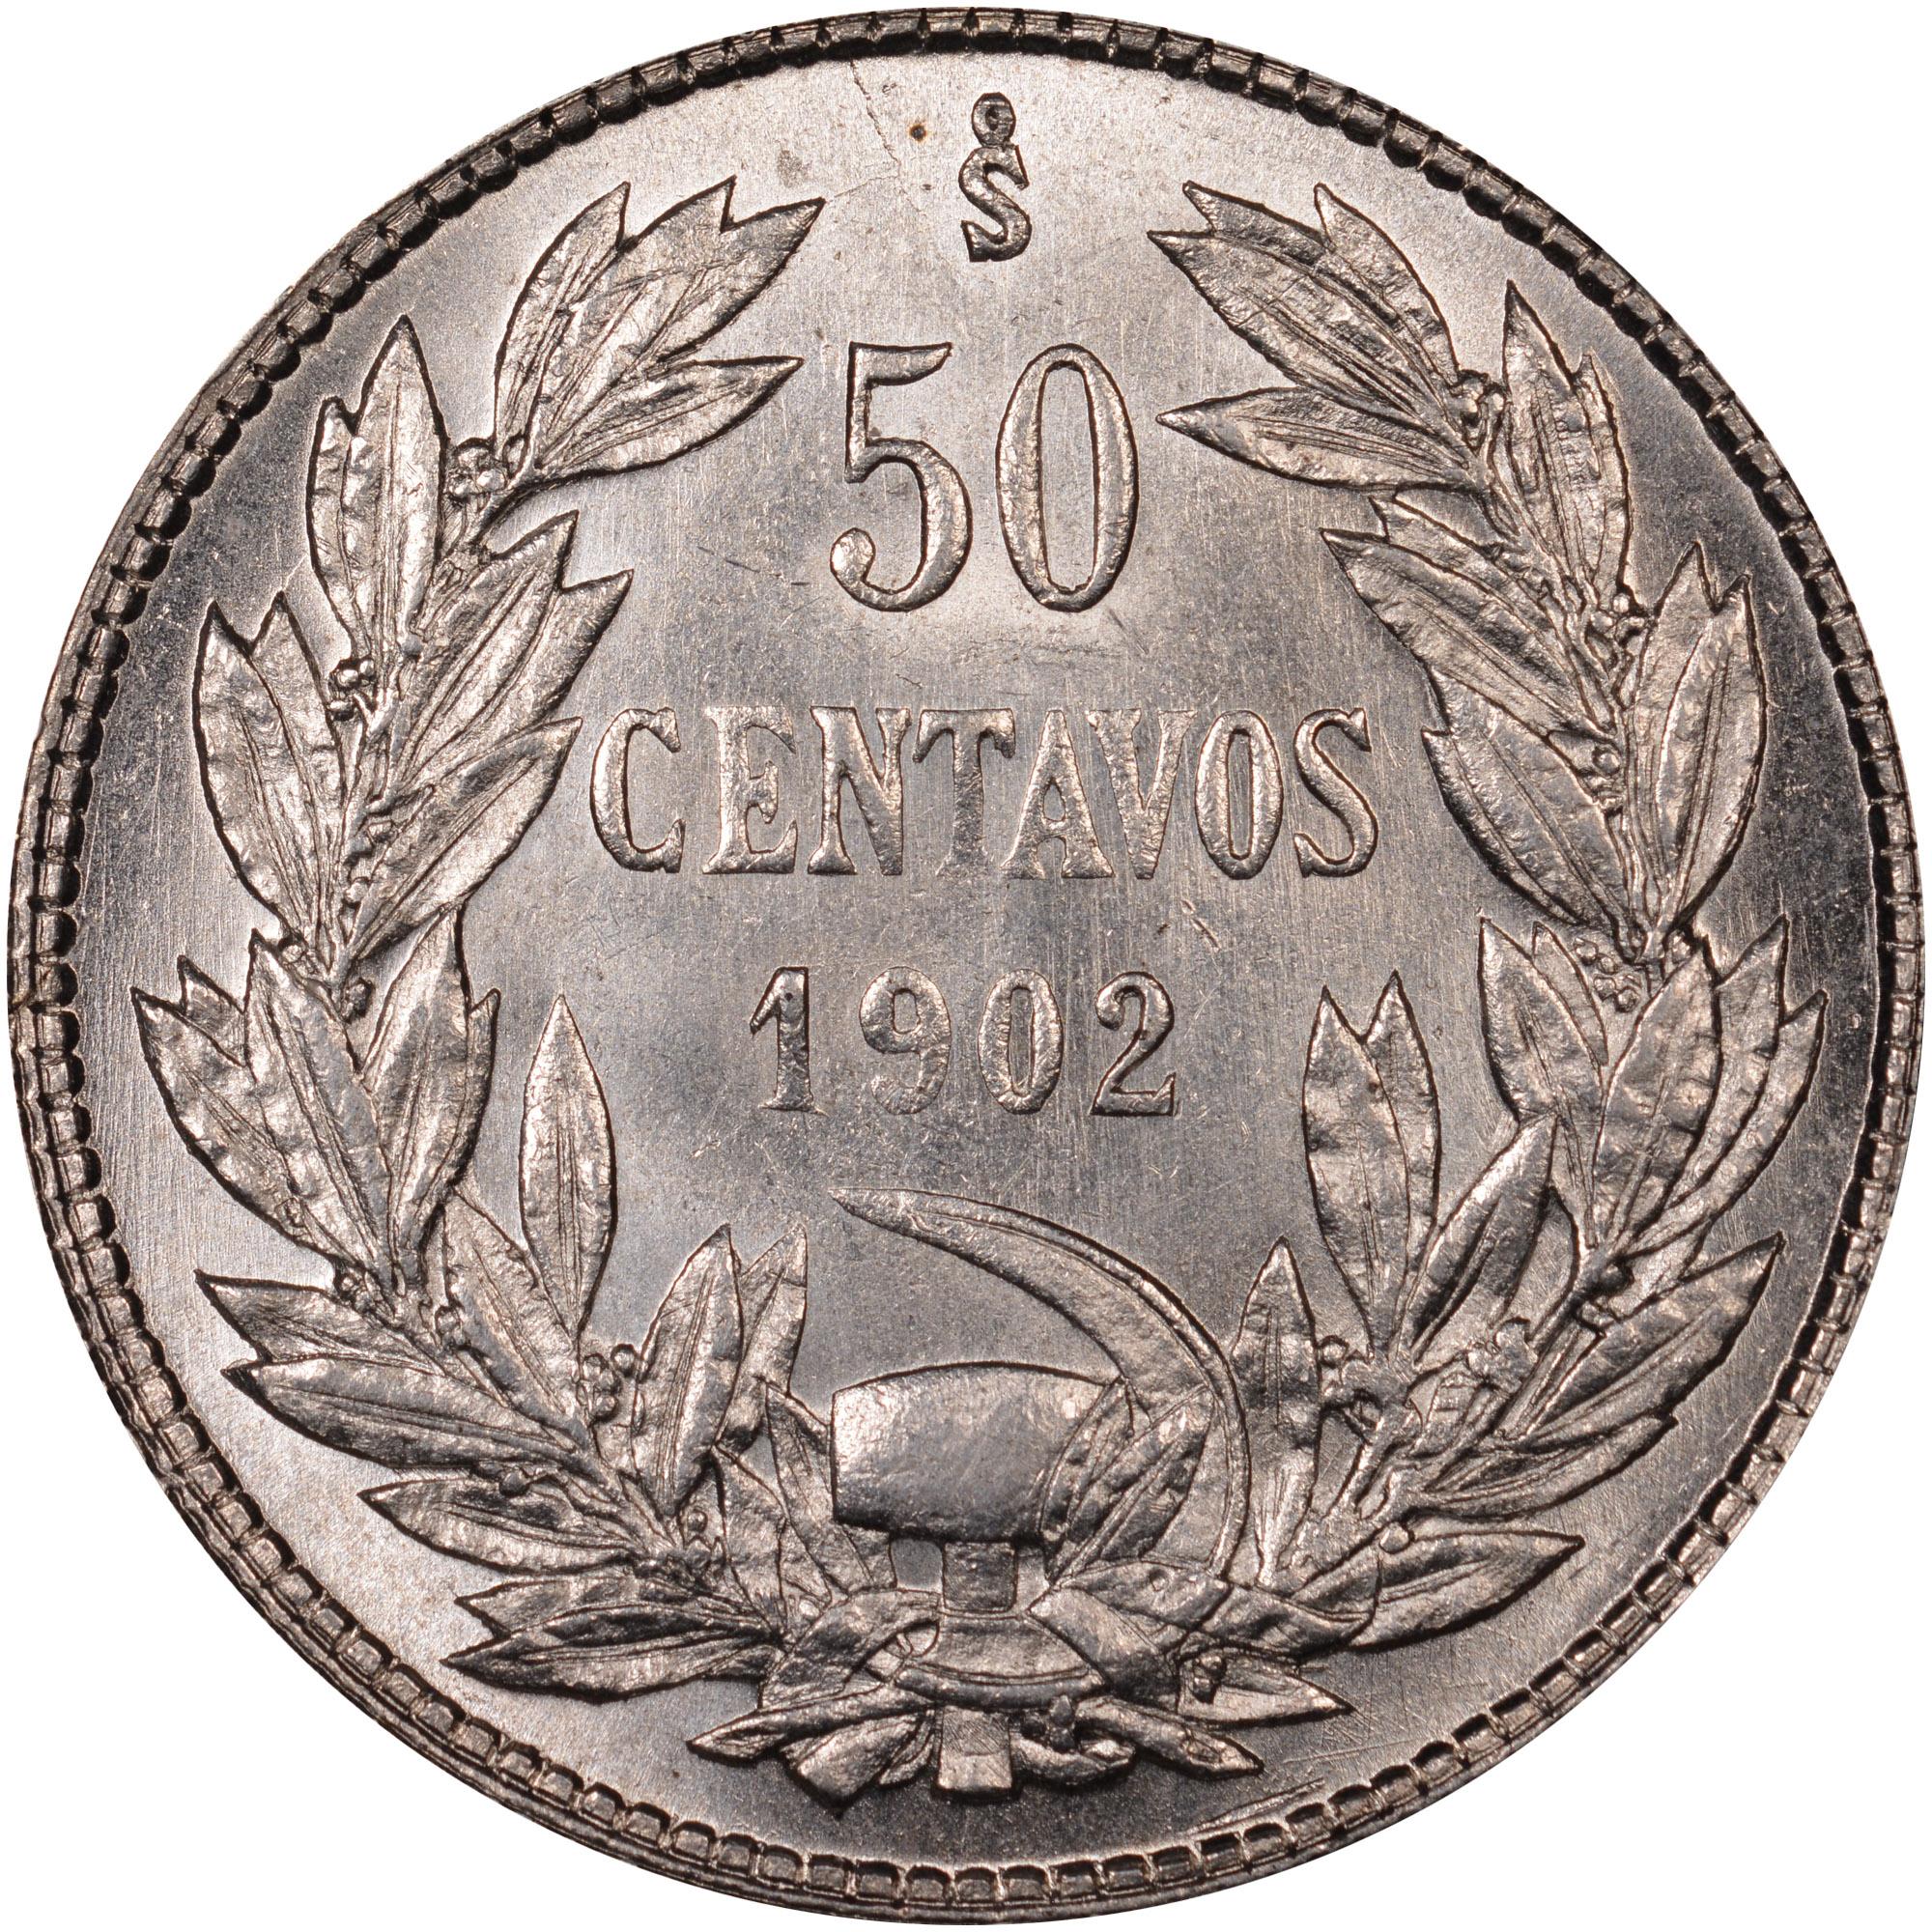 Chile 50 Centavos reverse